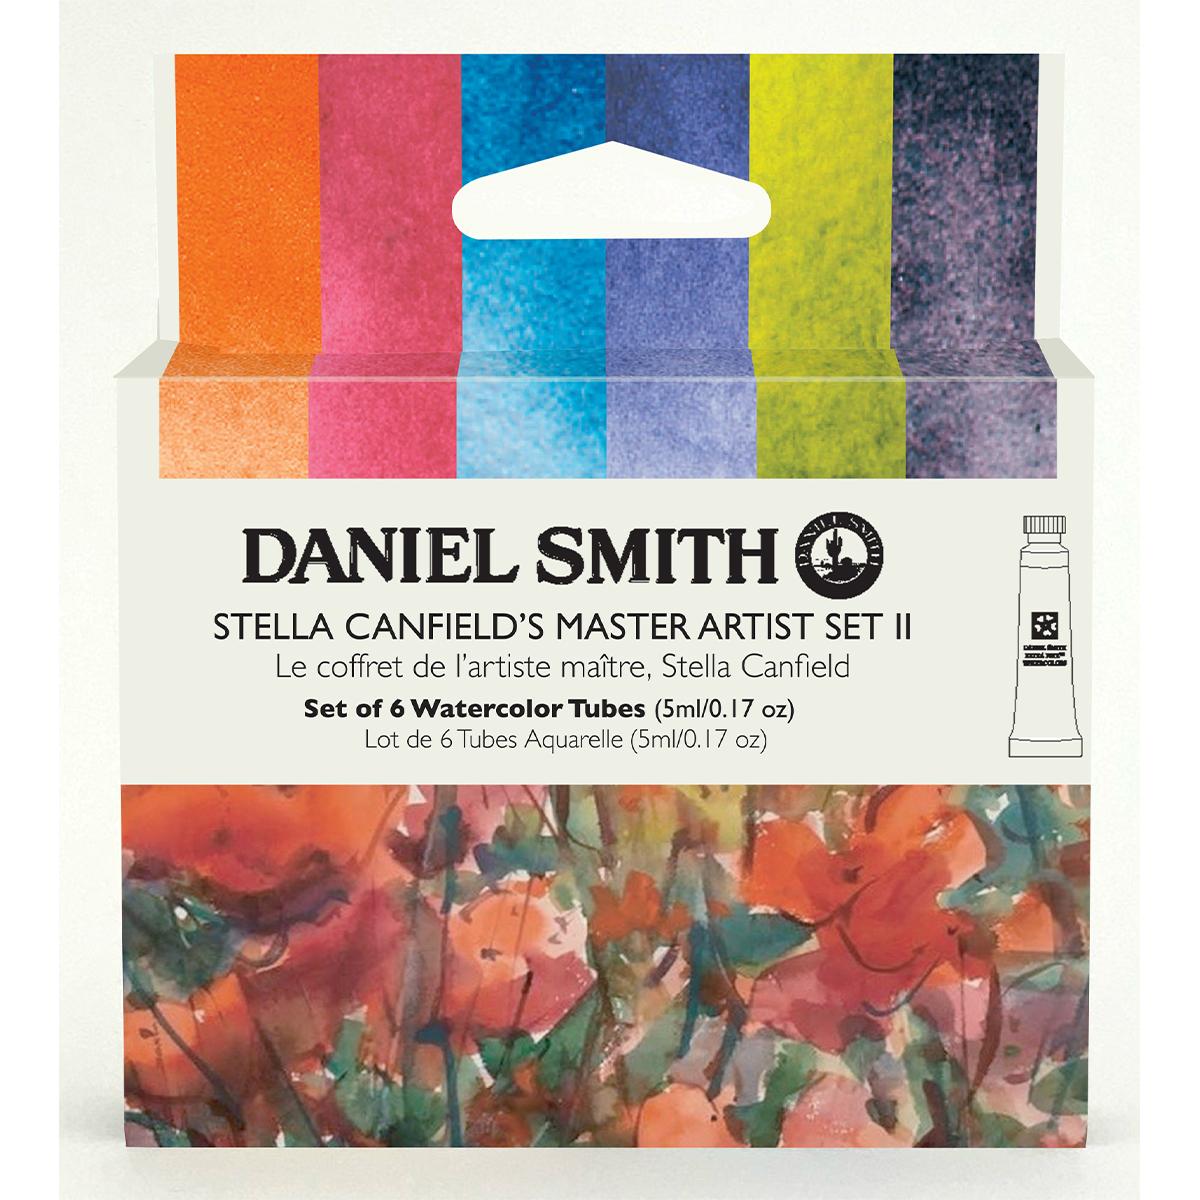 DANIEL 新色追加して再販 SMITH 代引き不可 ステラ キャンフィールドマスターアーティストセットII 6色 スミス 5mlチューブ セット 水彩絵具 ダニエル